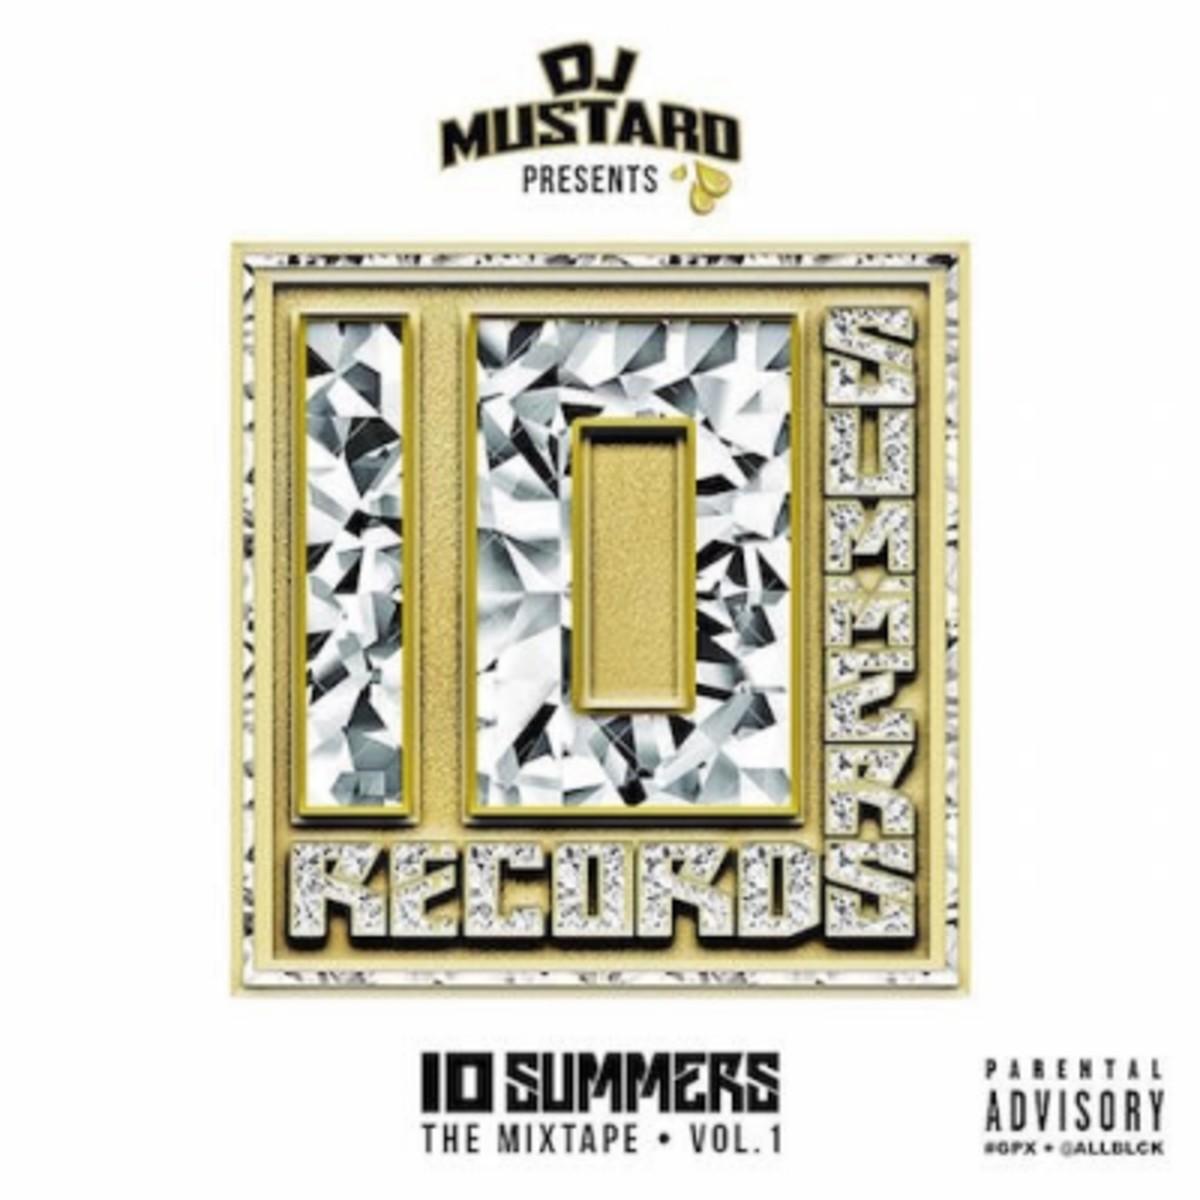 dj-mustard-10-summers-the-mixtape-vol-1.jpg